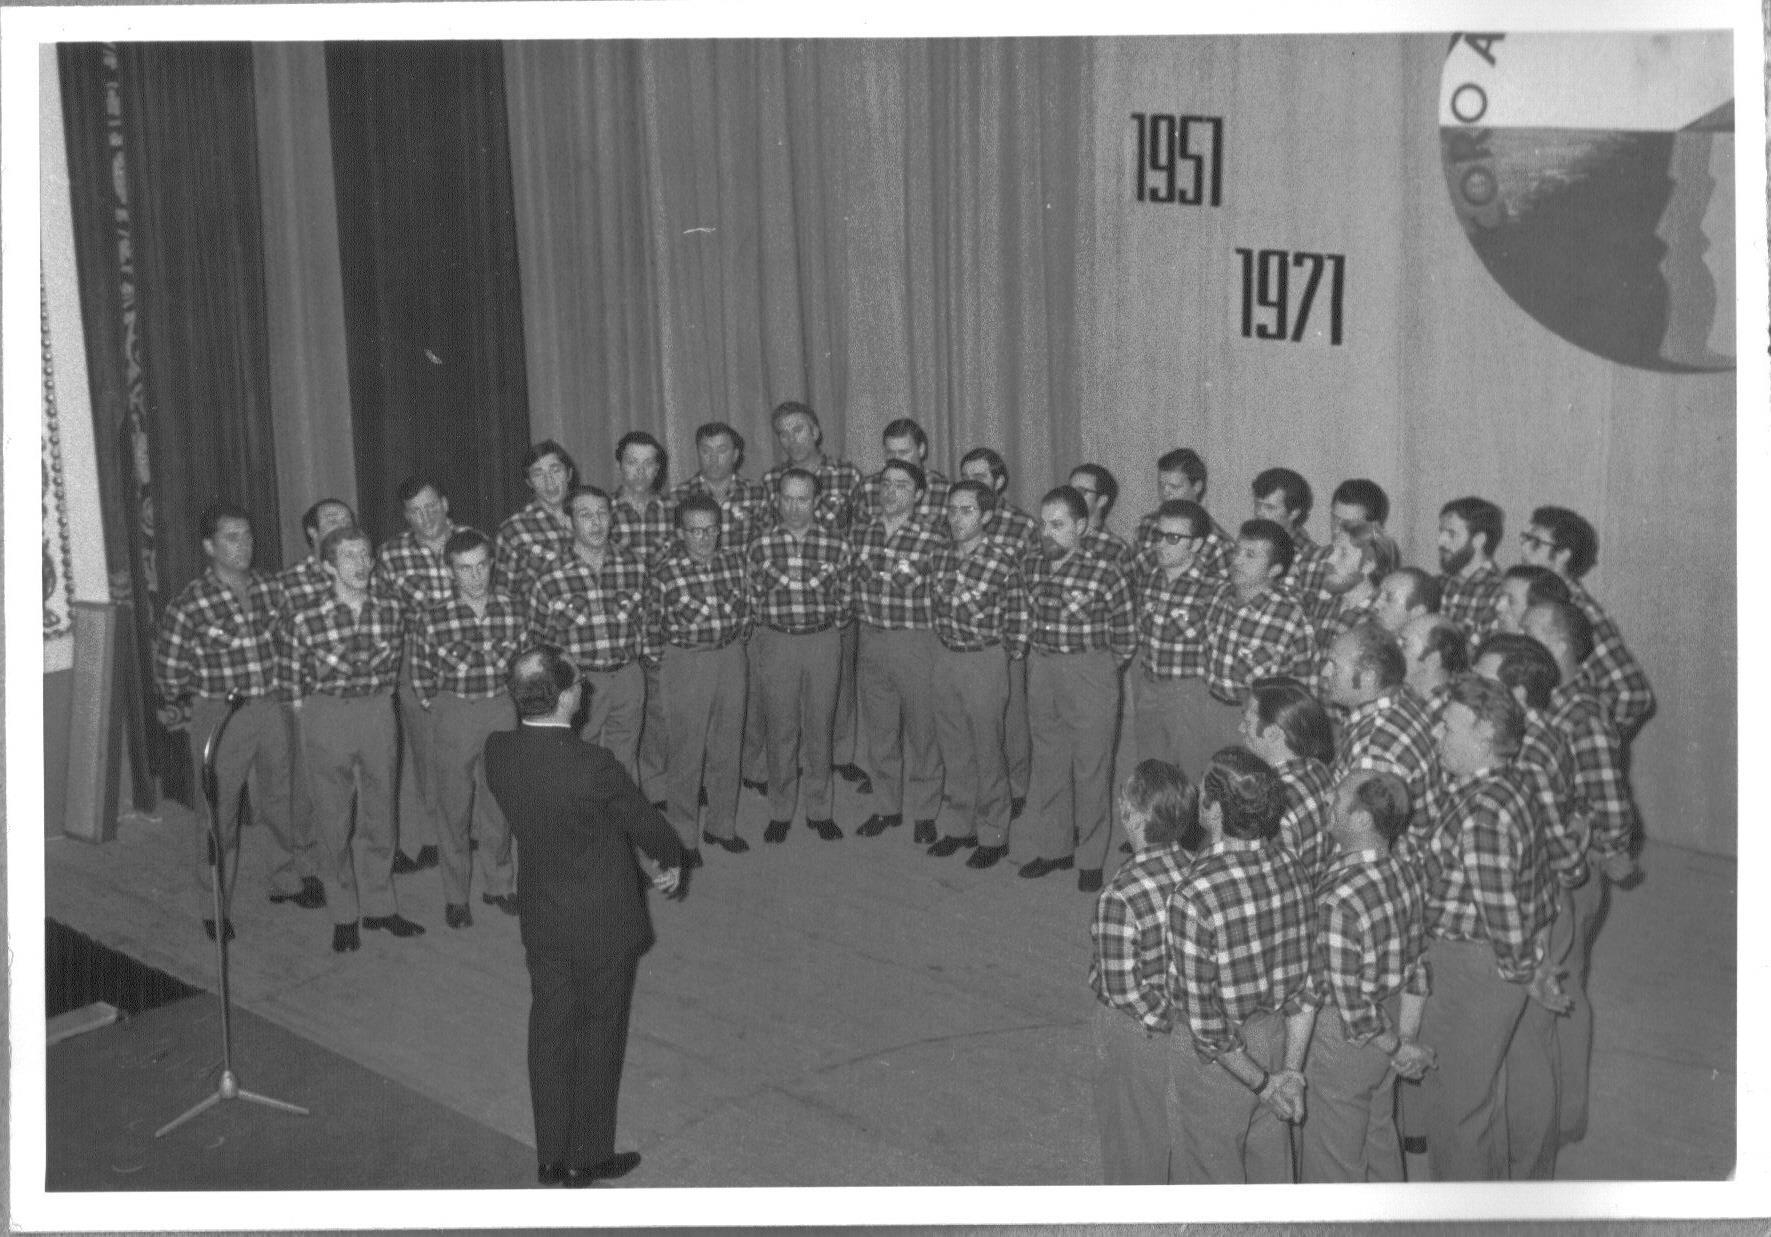 LA STORIA DEL FESTIVAL DI SANREMO 1971 21° EDIZIONE. LA FINE DI UN'ERA. L'INIZIO DELLA CRISI. IL CASO DALLA (a cura di Sante Longo)